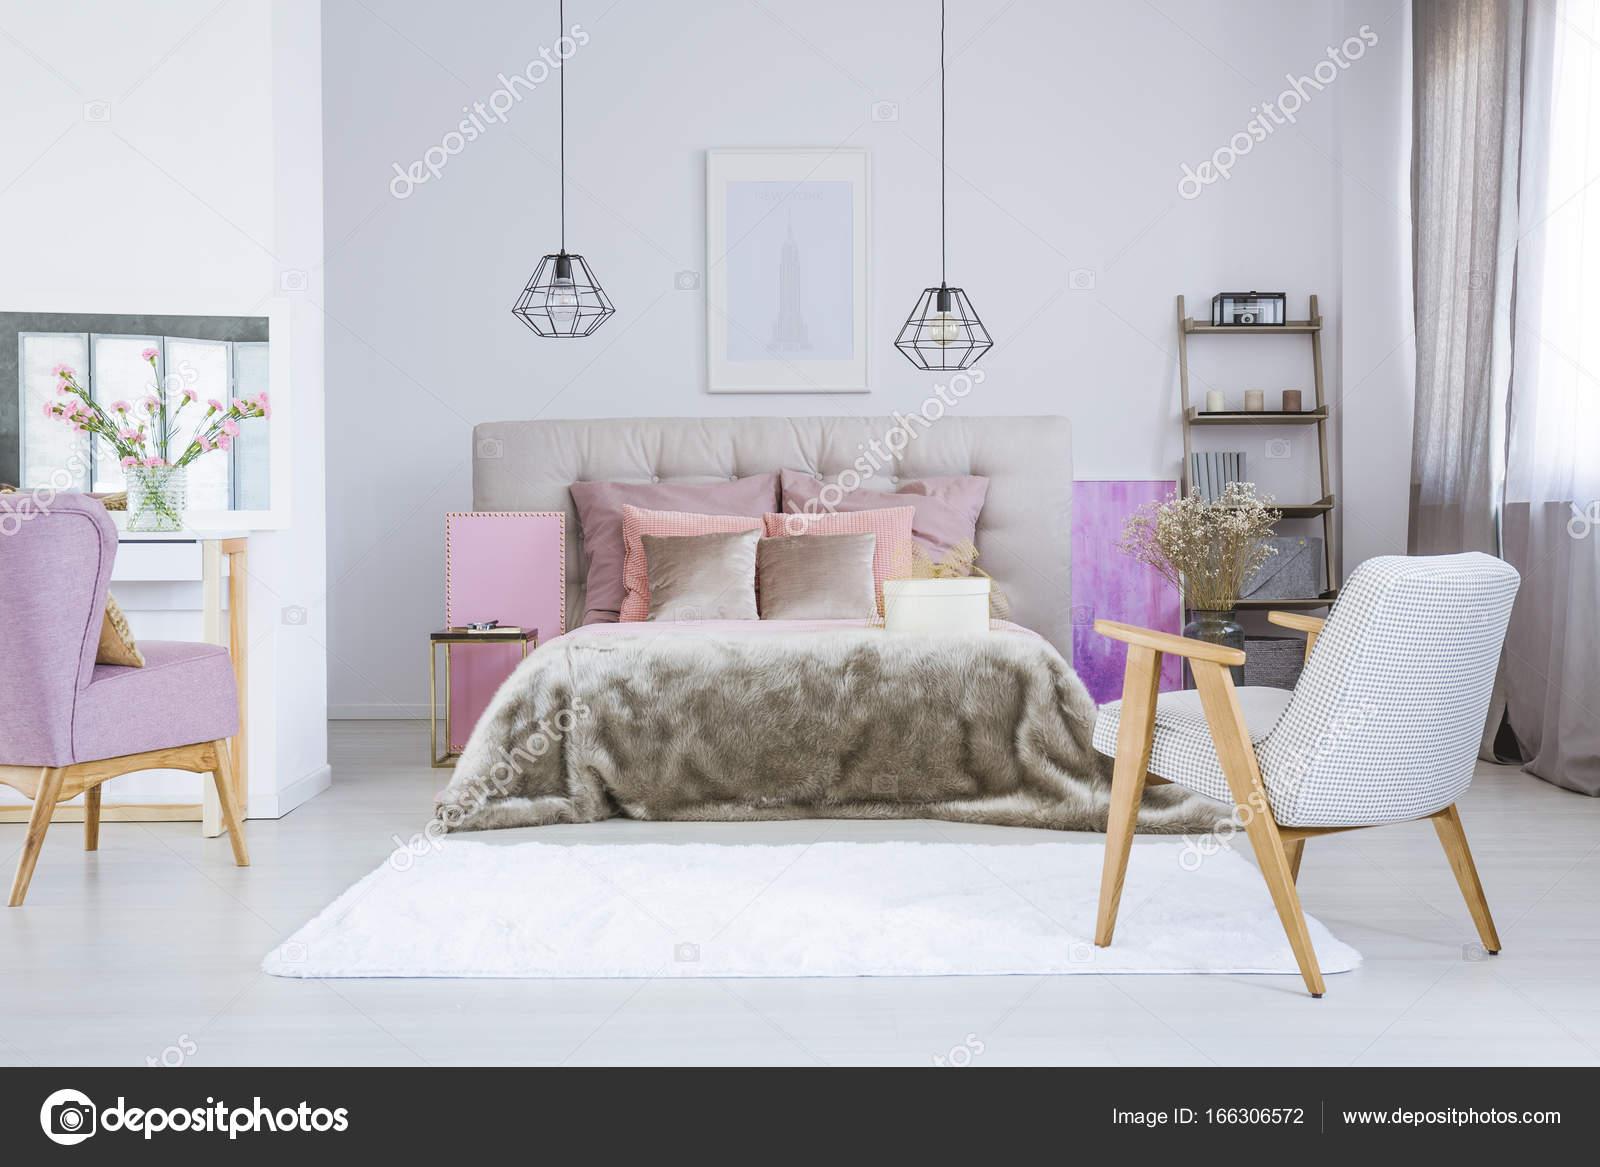 An Weißer Wand über Graue Bett Mit Rosa Zubehör Und Pelz Bettdecke Im  Geräumigen Schlafzimmer Hängen Poster U2014 Foto Von Photographee.eu